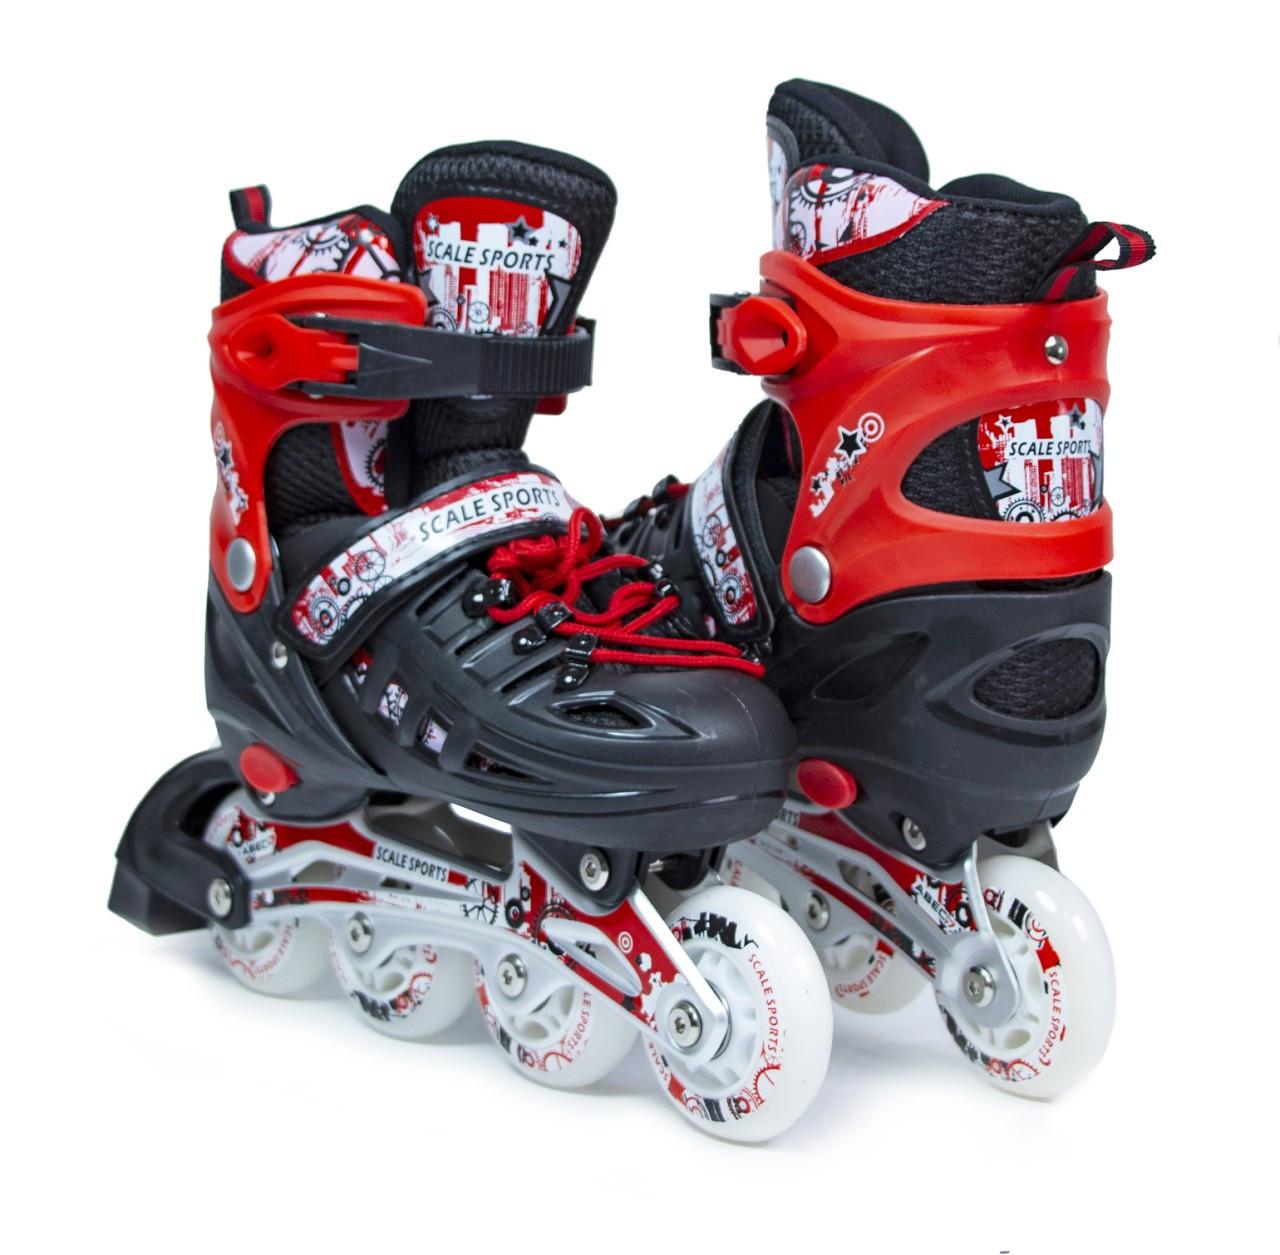 Ролики Scale Sports Red LF 905, розмір 34-37